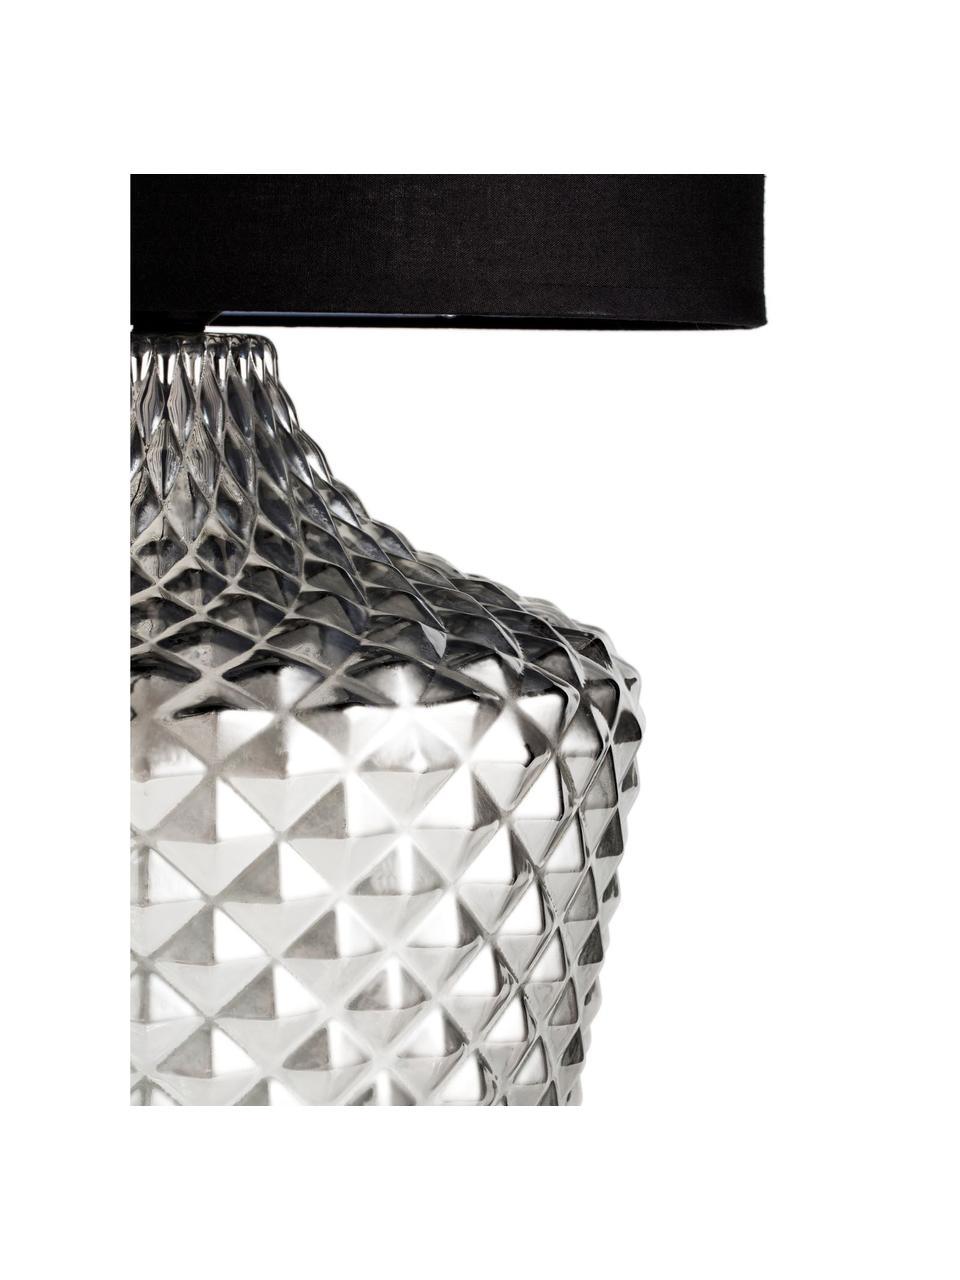 Große Tischlampe Brilliant Jewel aus Glas, Lampenschirm: Stoff, Lampenfuß: Glas, Grau, Schwarz, Ø 32 x H 56 cm